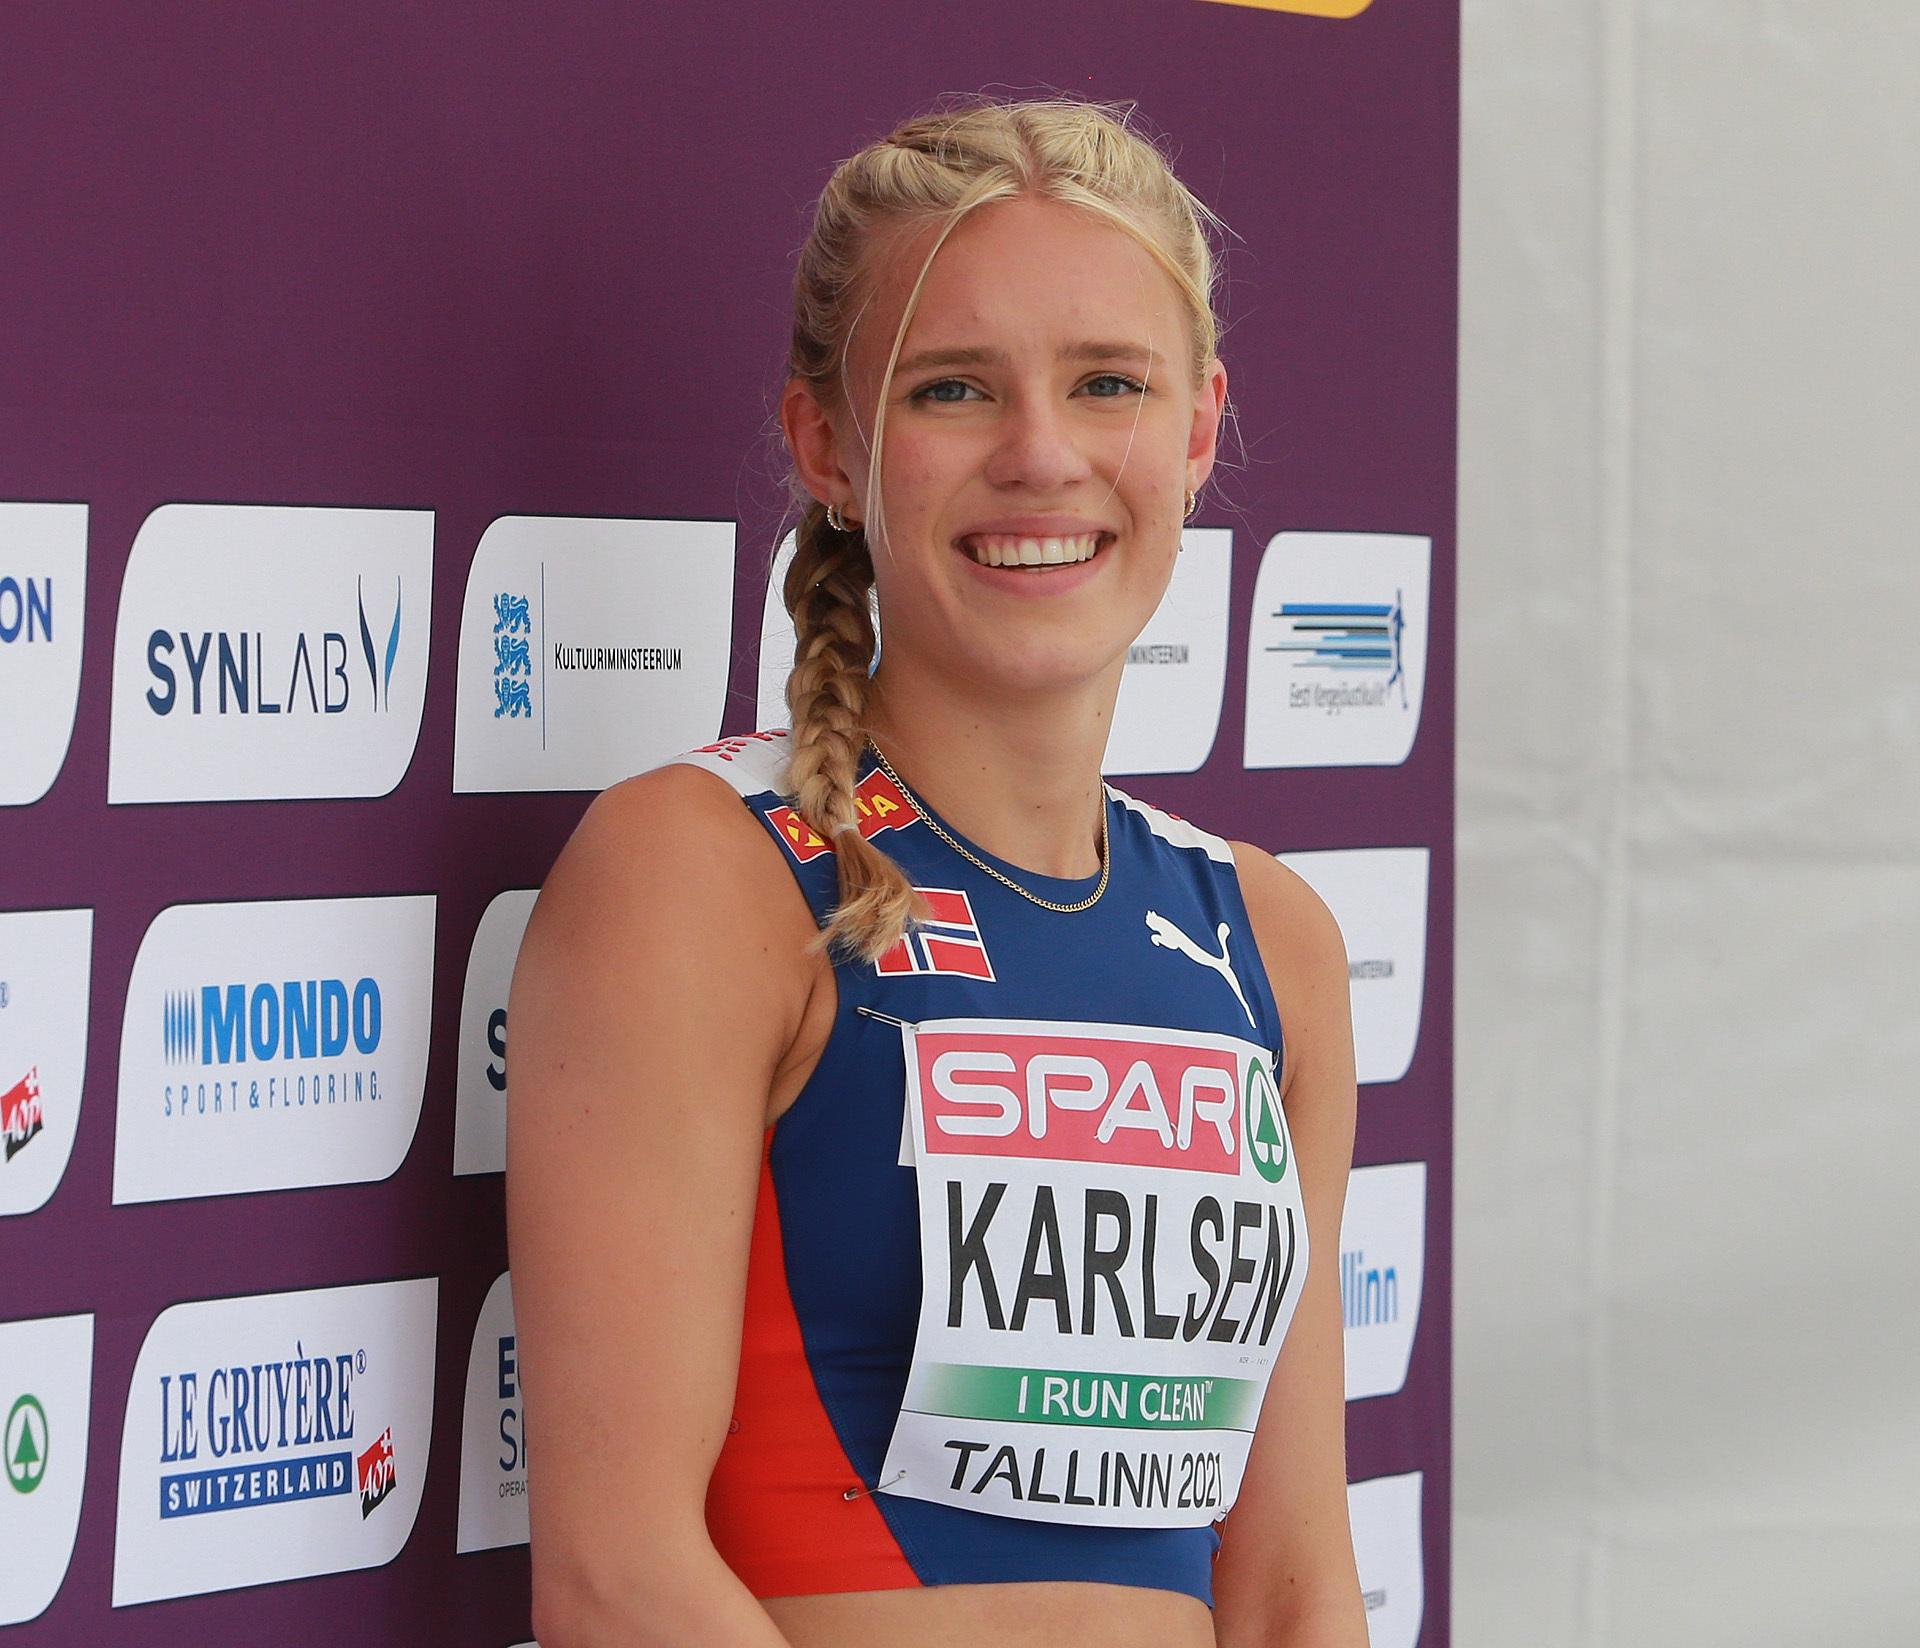 Pernille_Antonsen_en_glad_finalist_i_miksonen_AZ3T0537.jpg